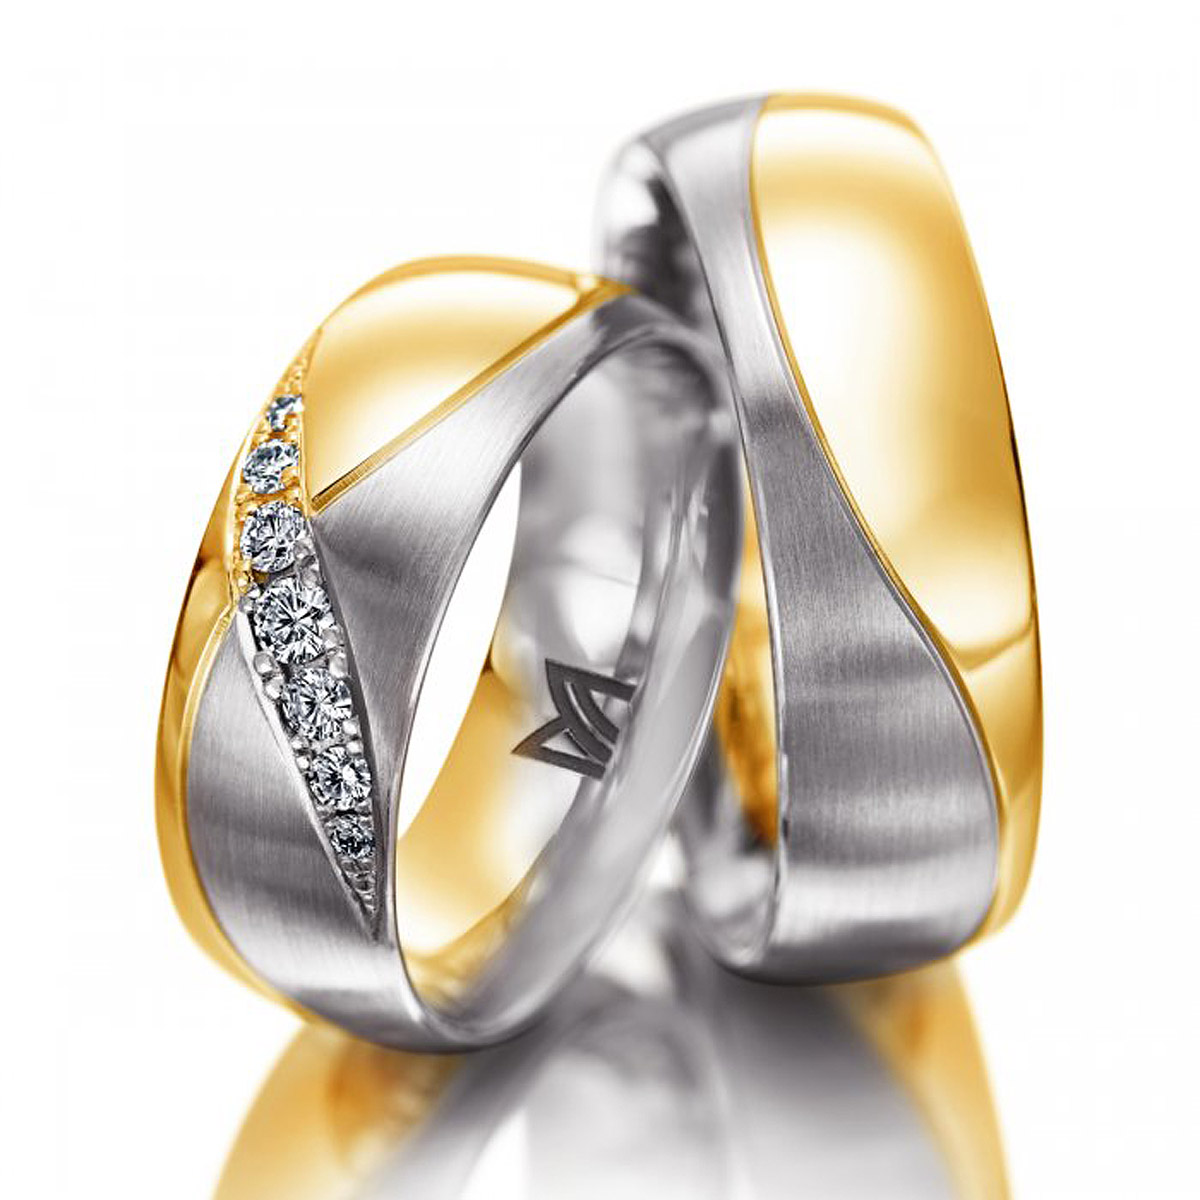 Обручальные кольца оригинальные эксклюзивные